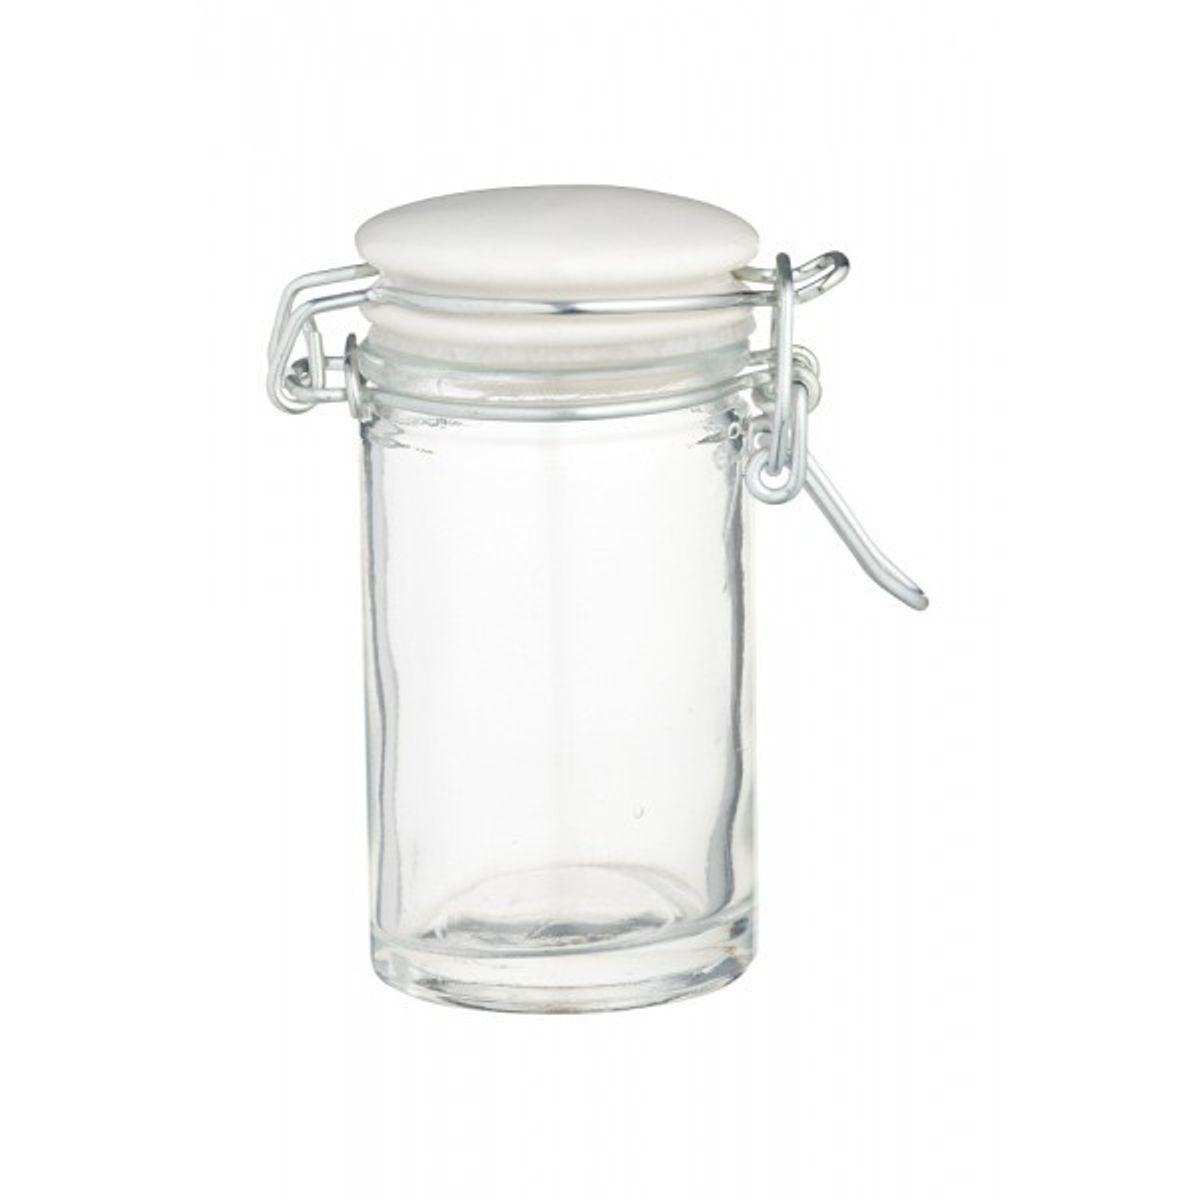 Bocal de conservation en verre pour épices 100ml - Home Made